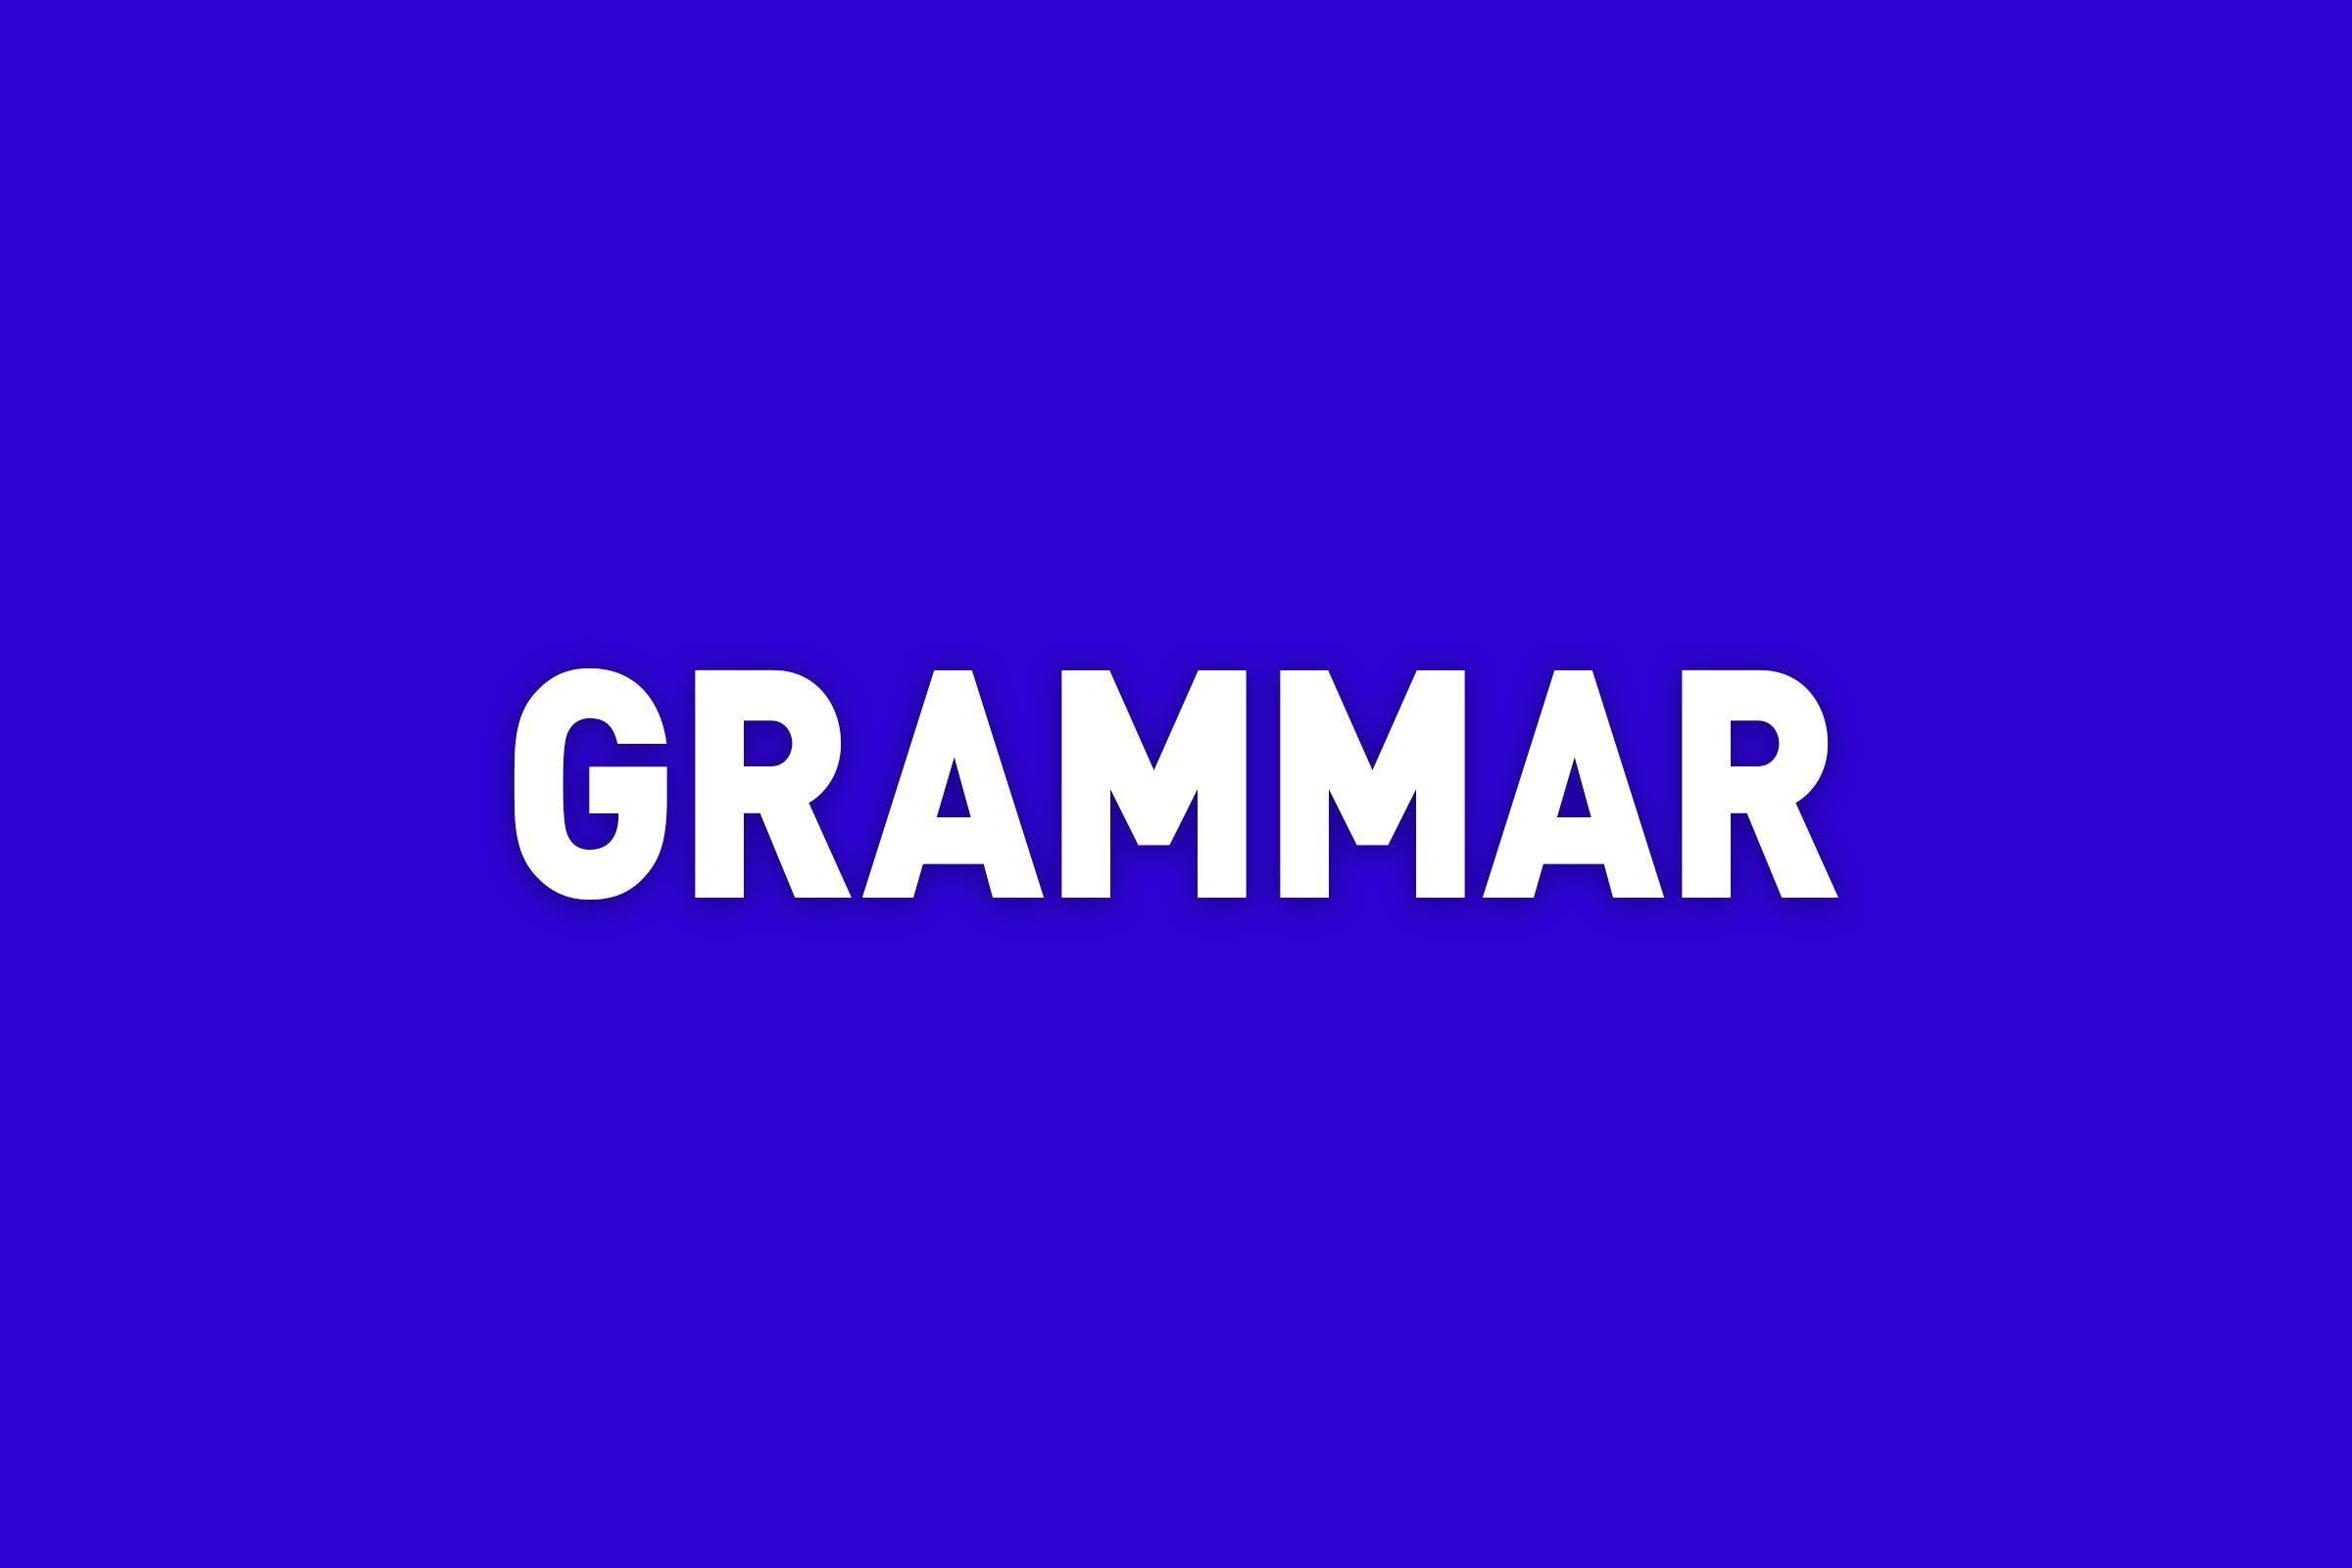 """""""Grammar"""" written in Jeopardy style"""